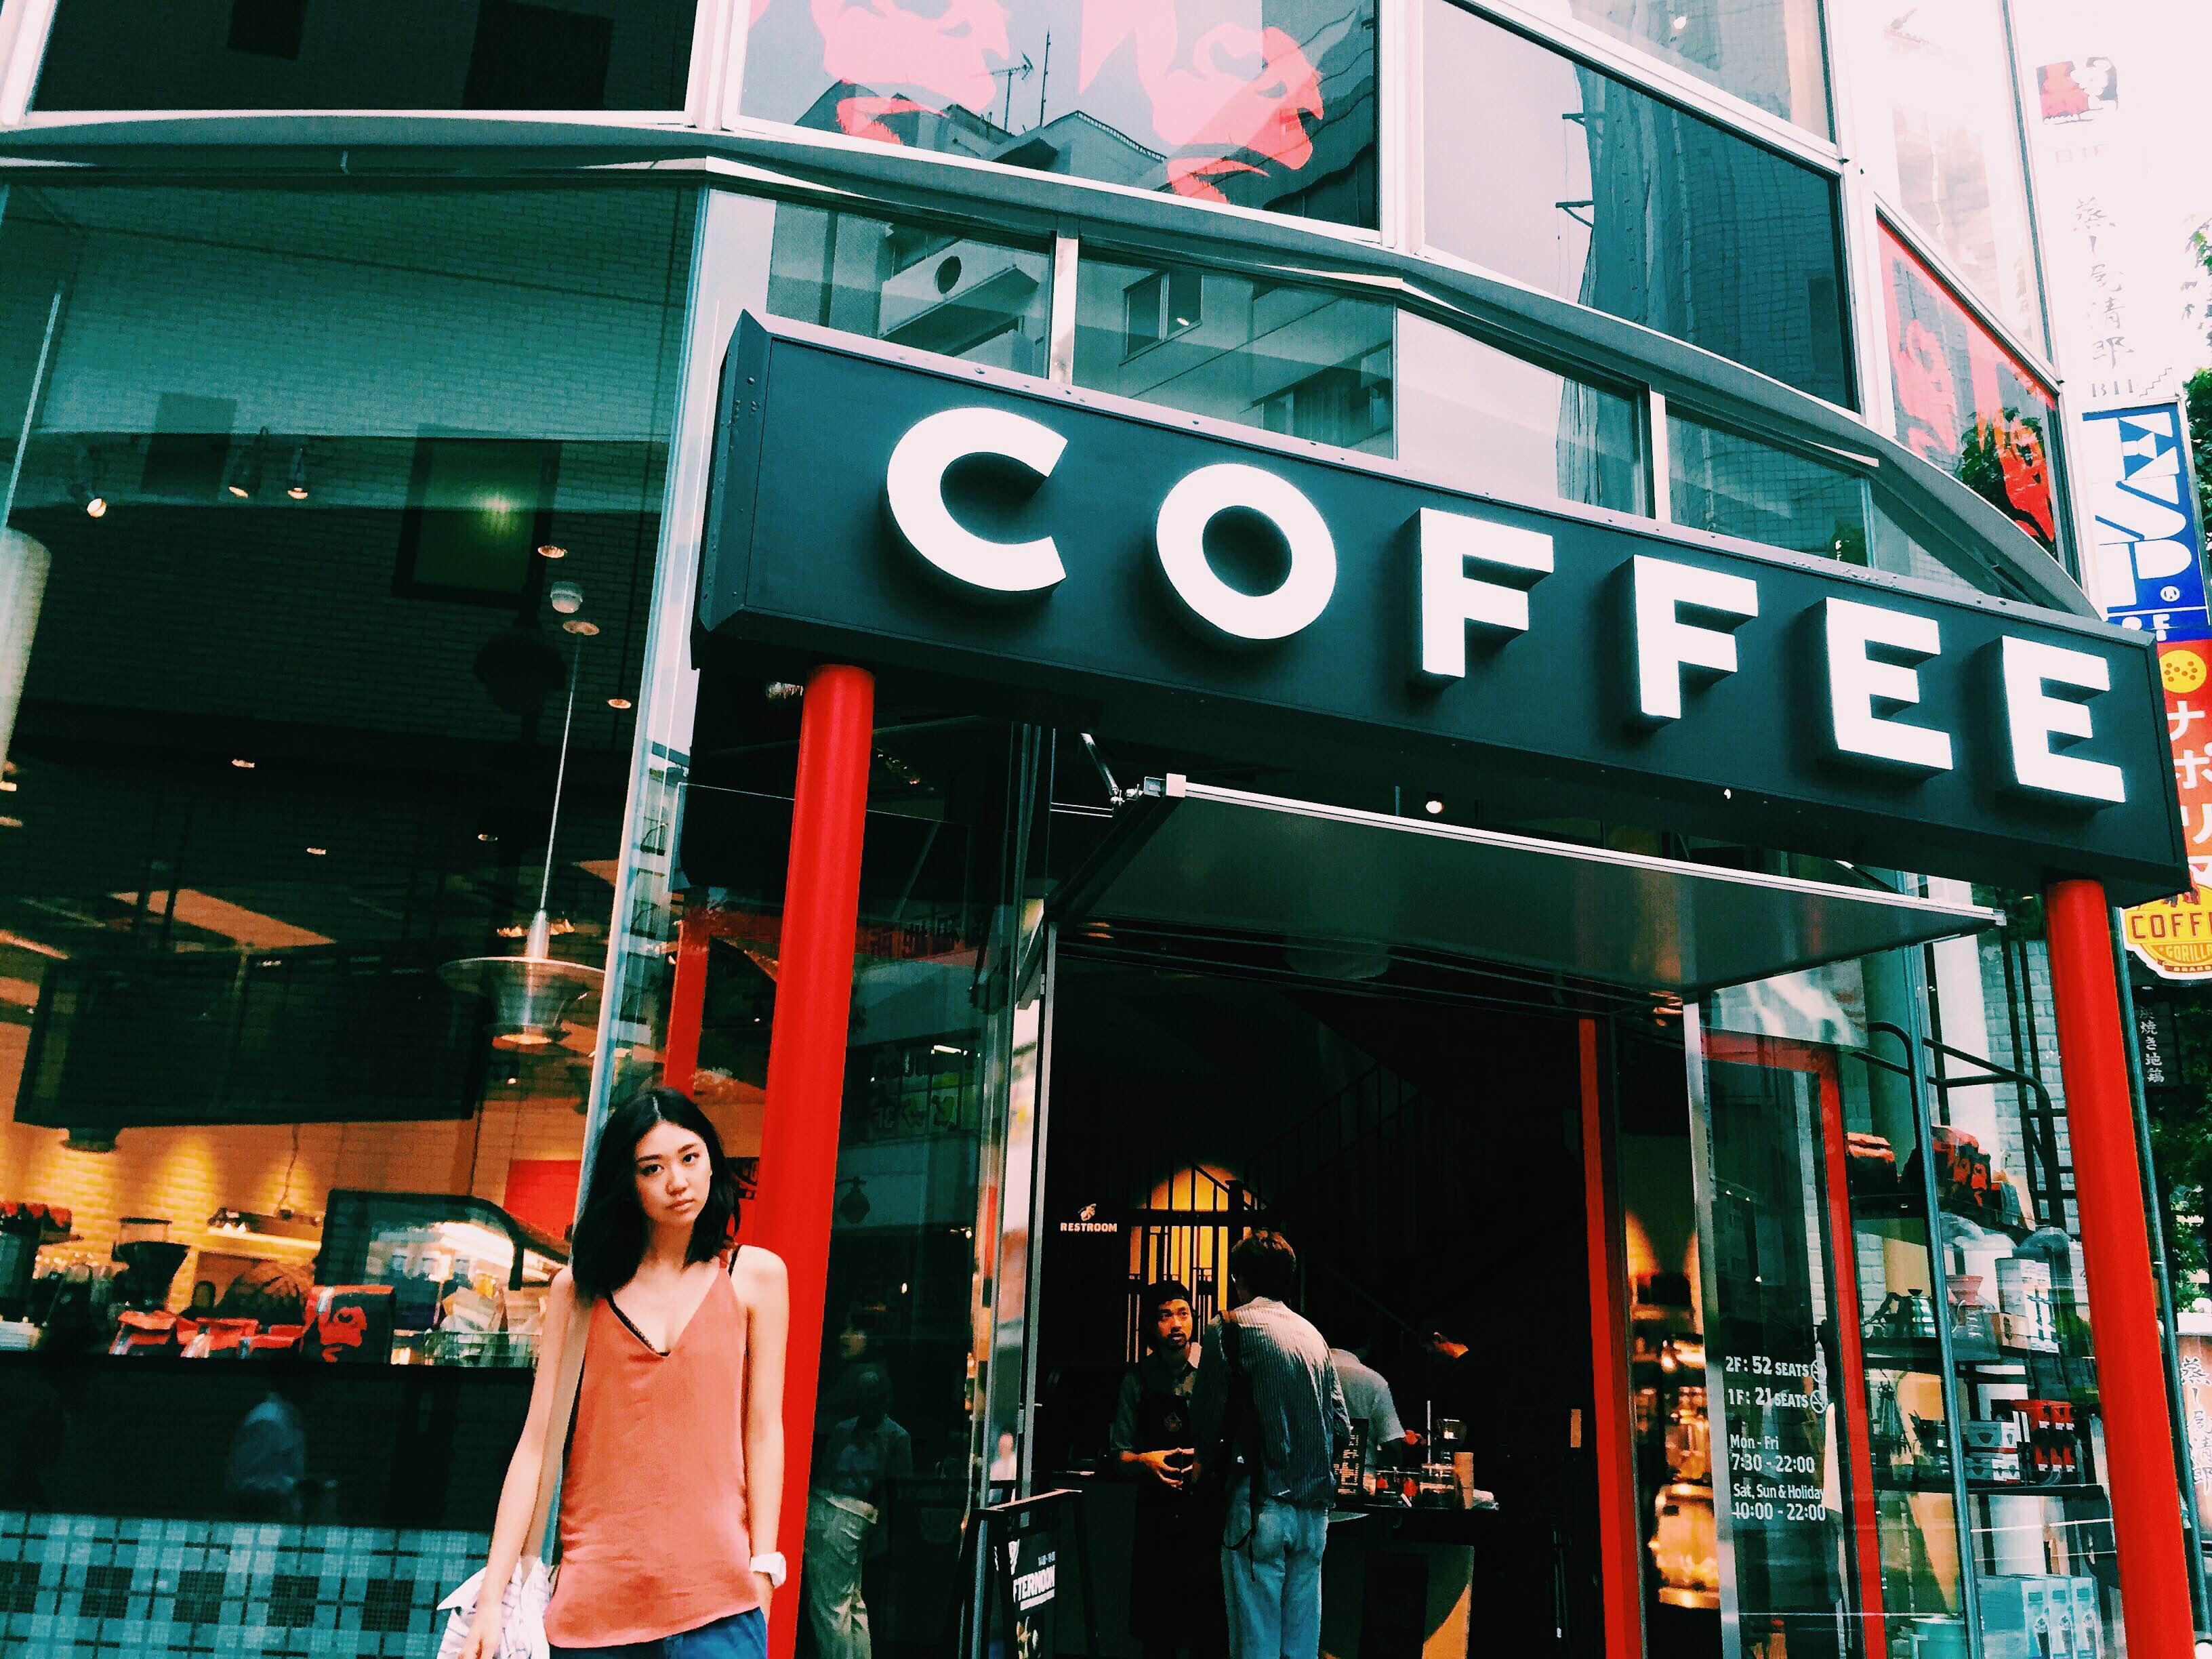 渋谷のGORILLA COFFEEへ行ってみた!いいところと悪いところを正直にレポート #lifestyle #coffee